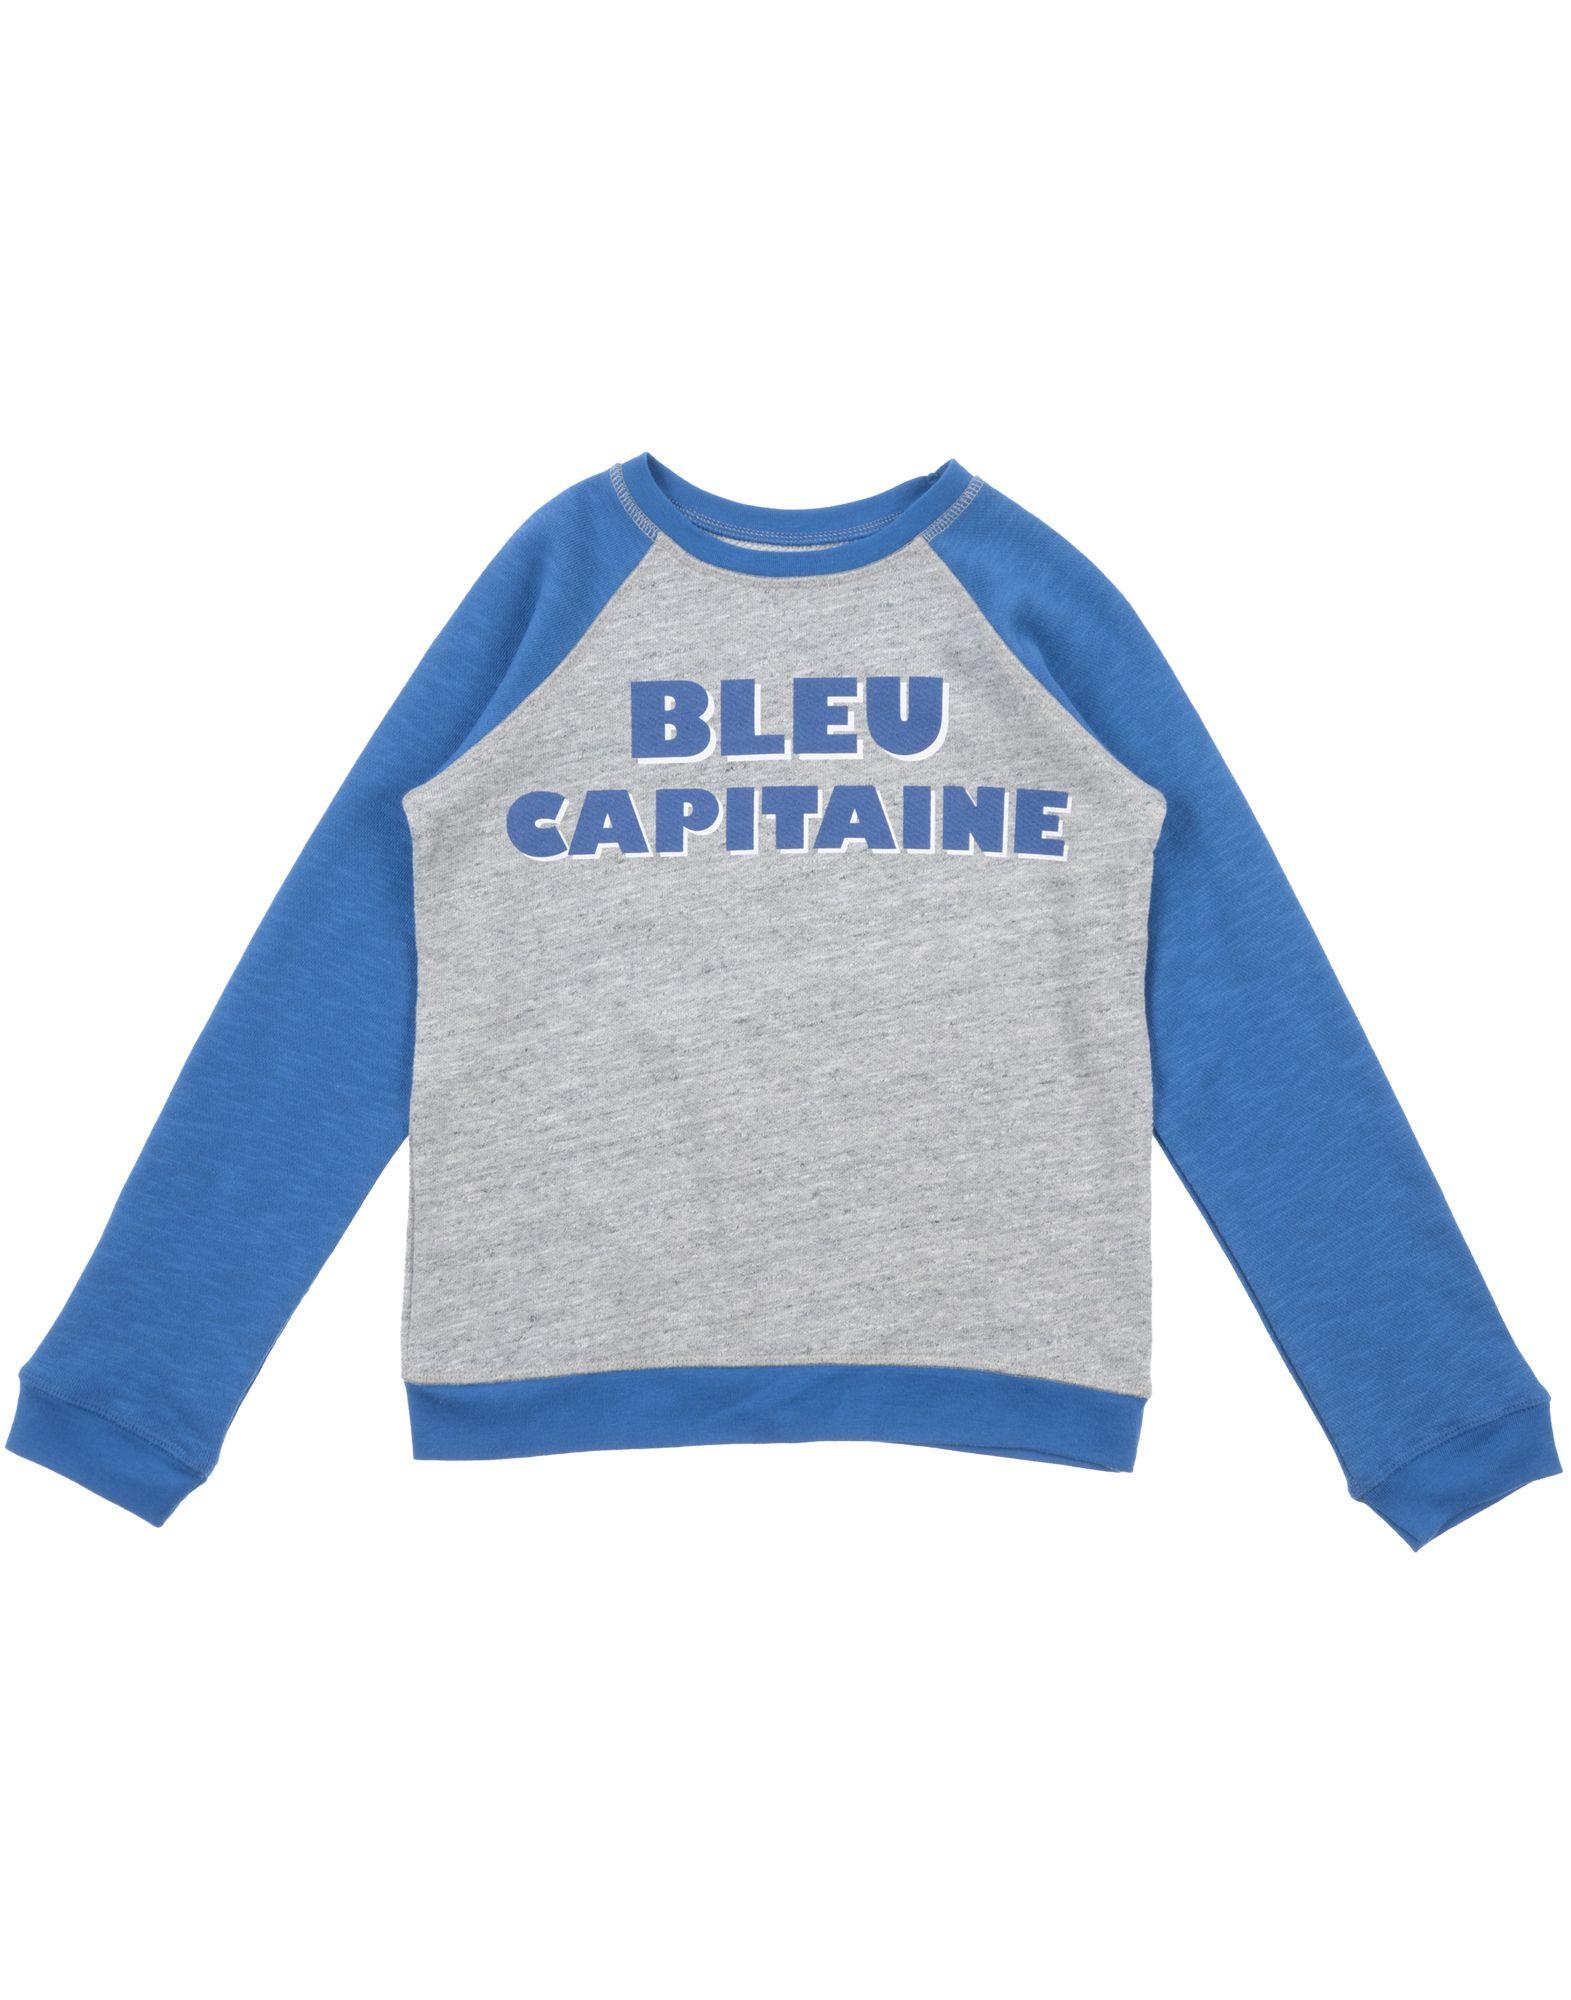 BONTON Jungen 9-16 jahre Sweatshirt2 blau